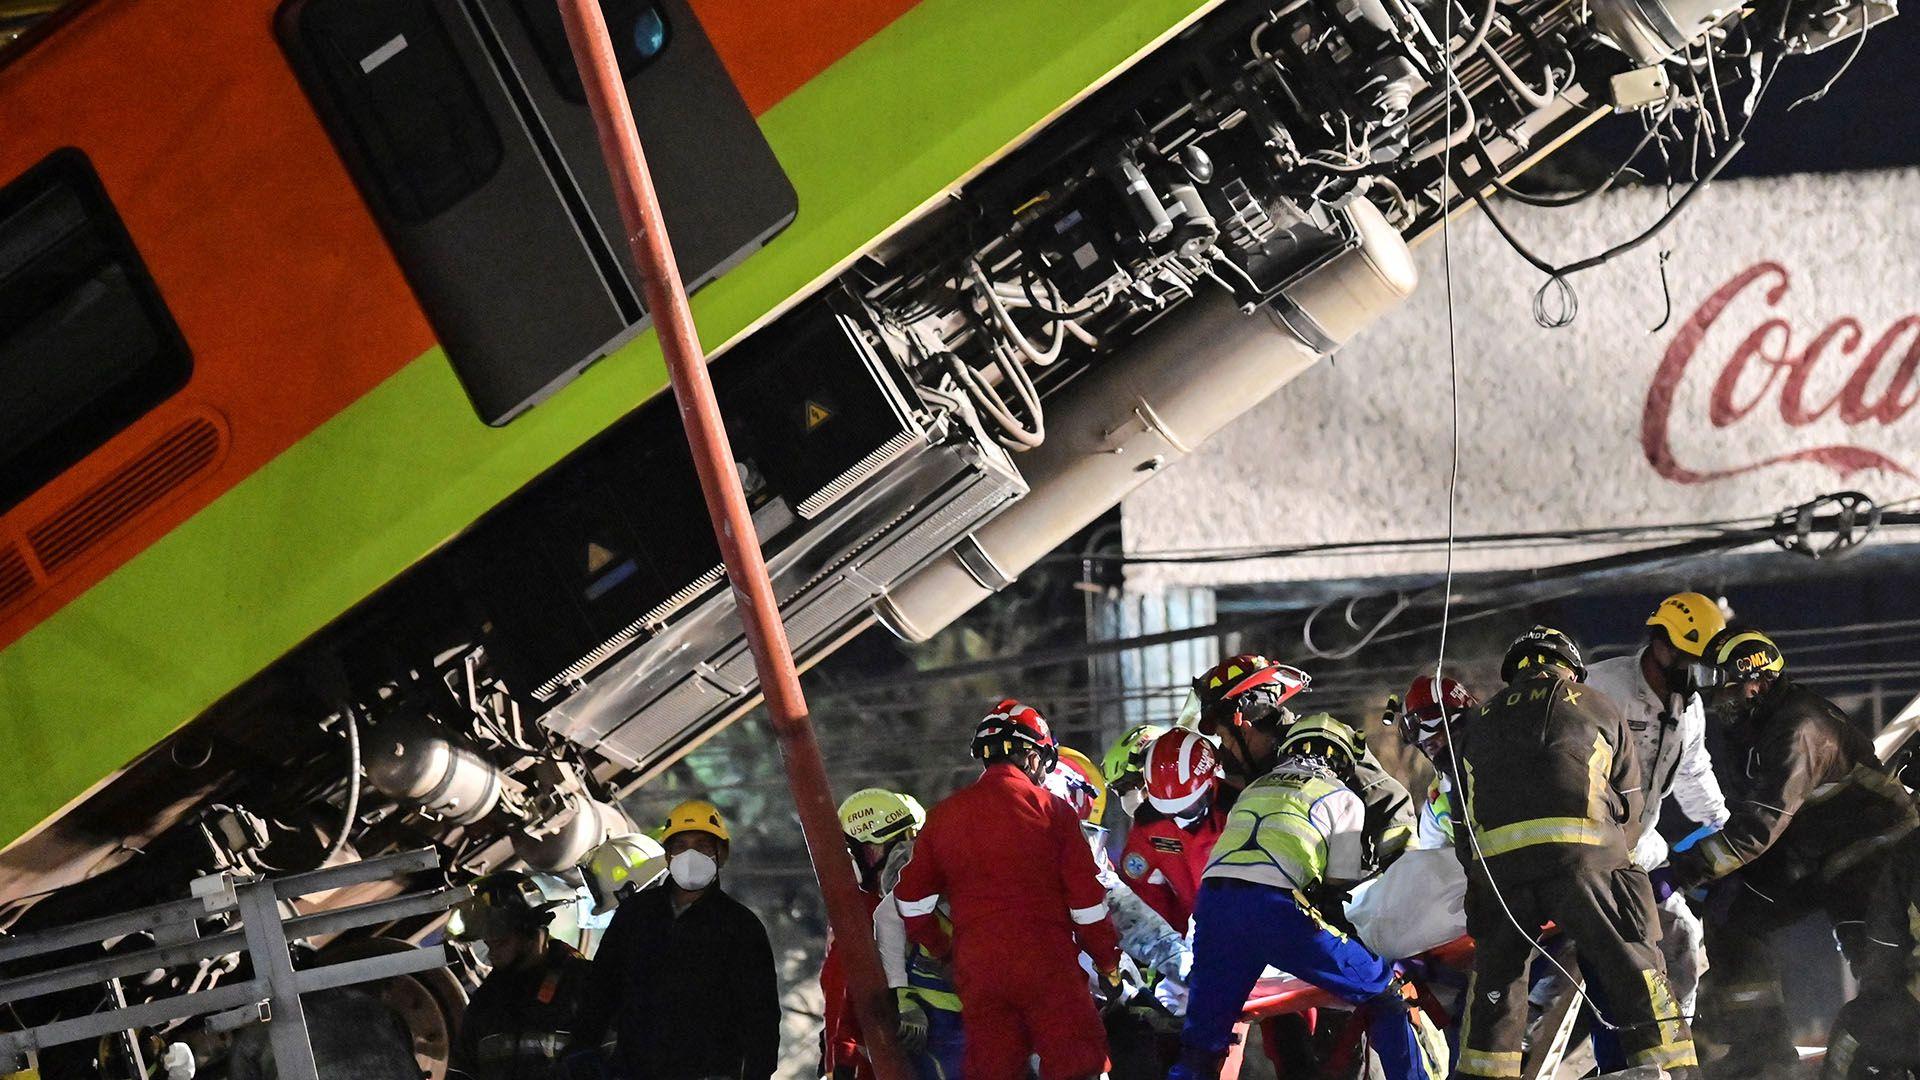 galeria accidente mexico tren metro puente